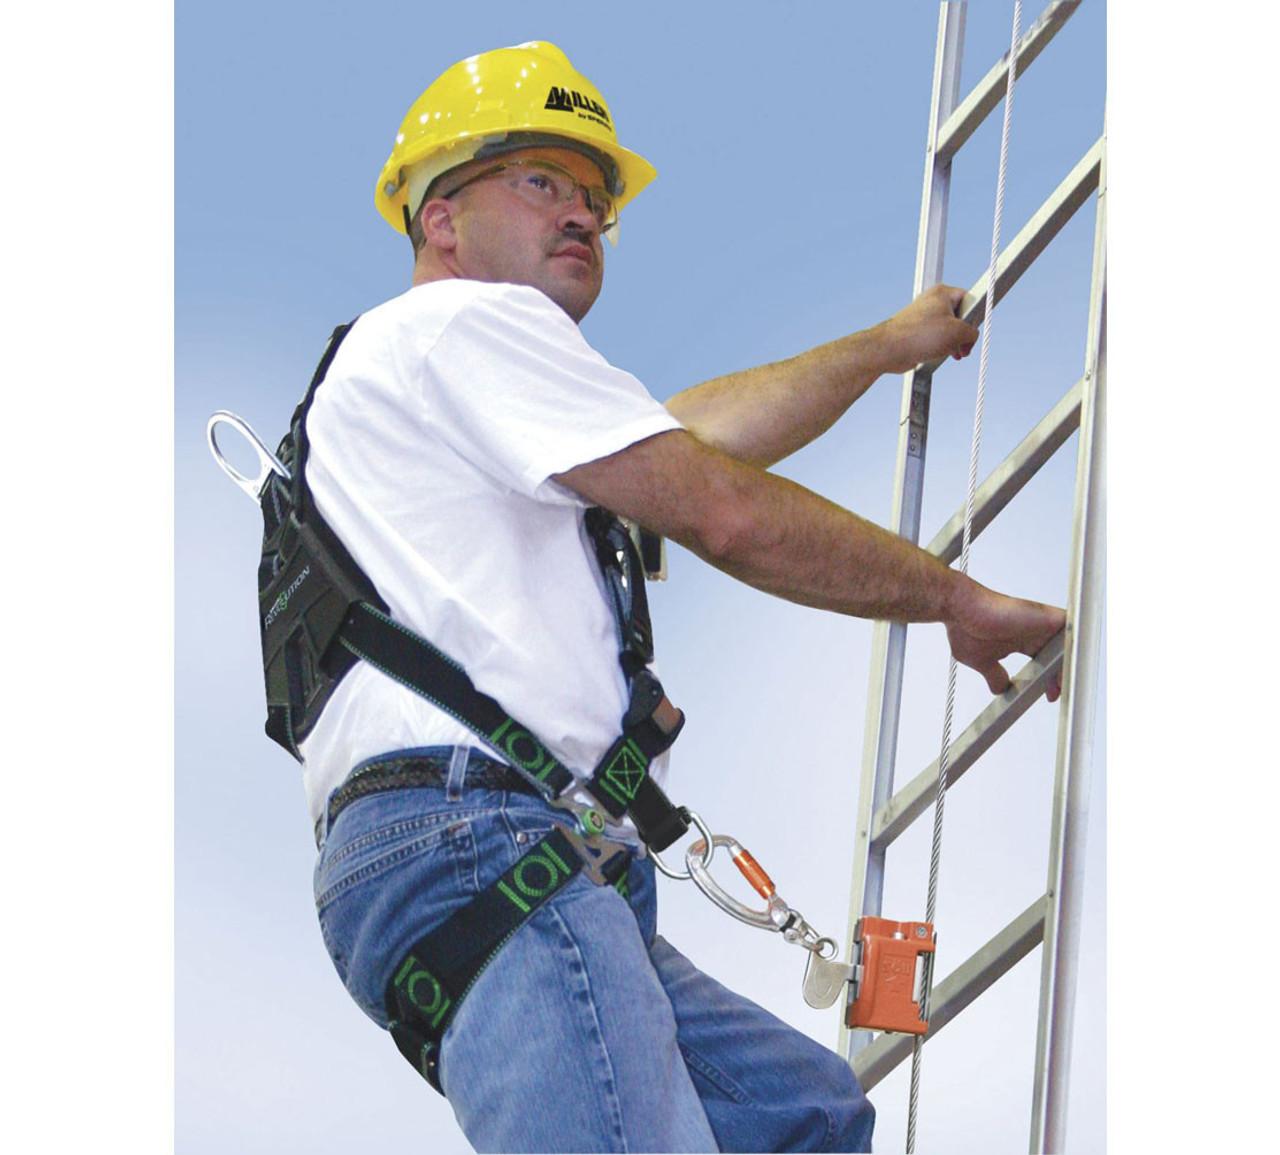 miller vi go ladder climbing safety systems revolution_ladder_climbing_harness__35021.1483650517?c=2?imbypass=on miller vi go ladder climbing safety system with automatic pass